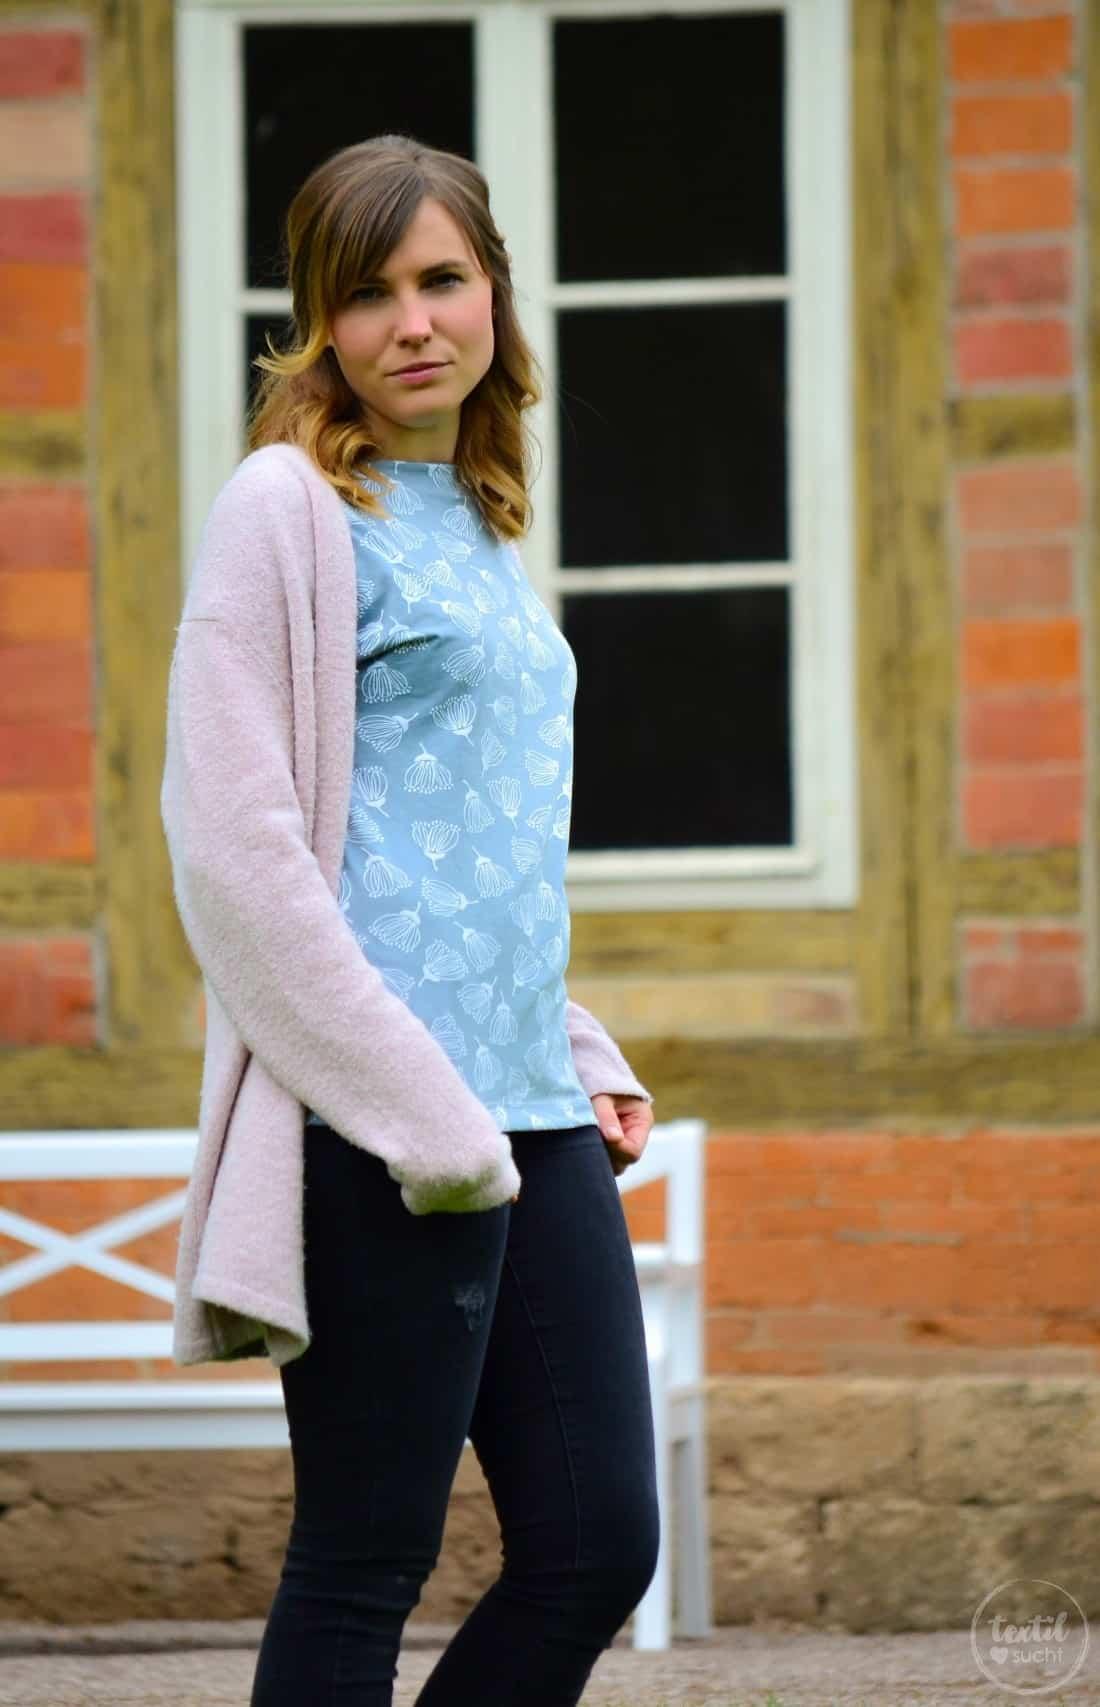 Schnittmuster Shirt Lilla aus FELICIFLORA von raxn - Bild 4 | textilsucht